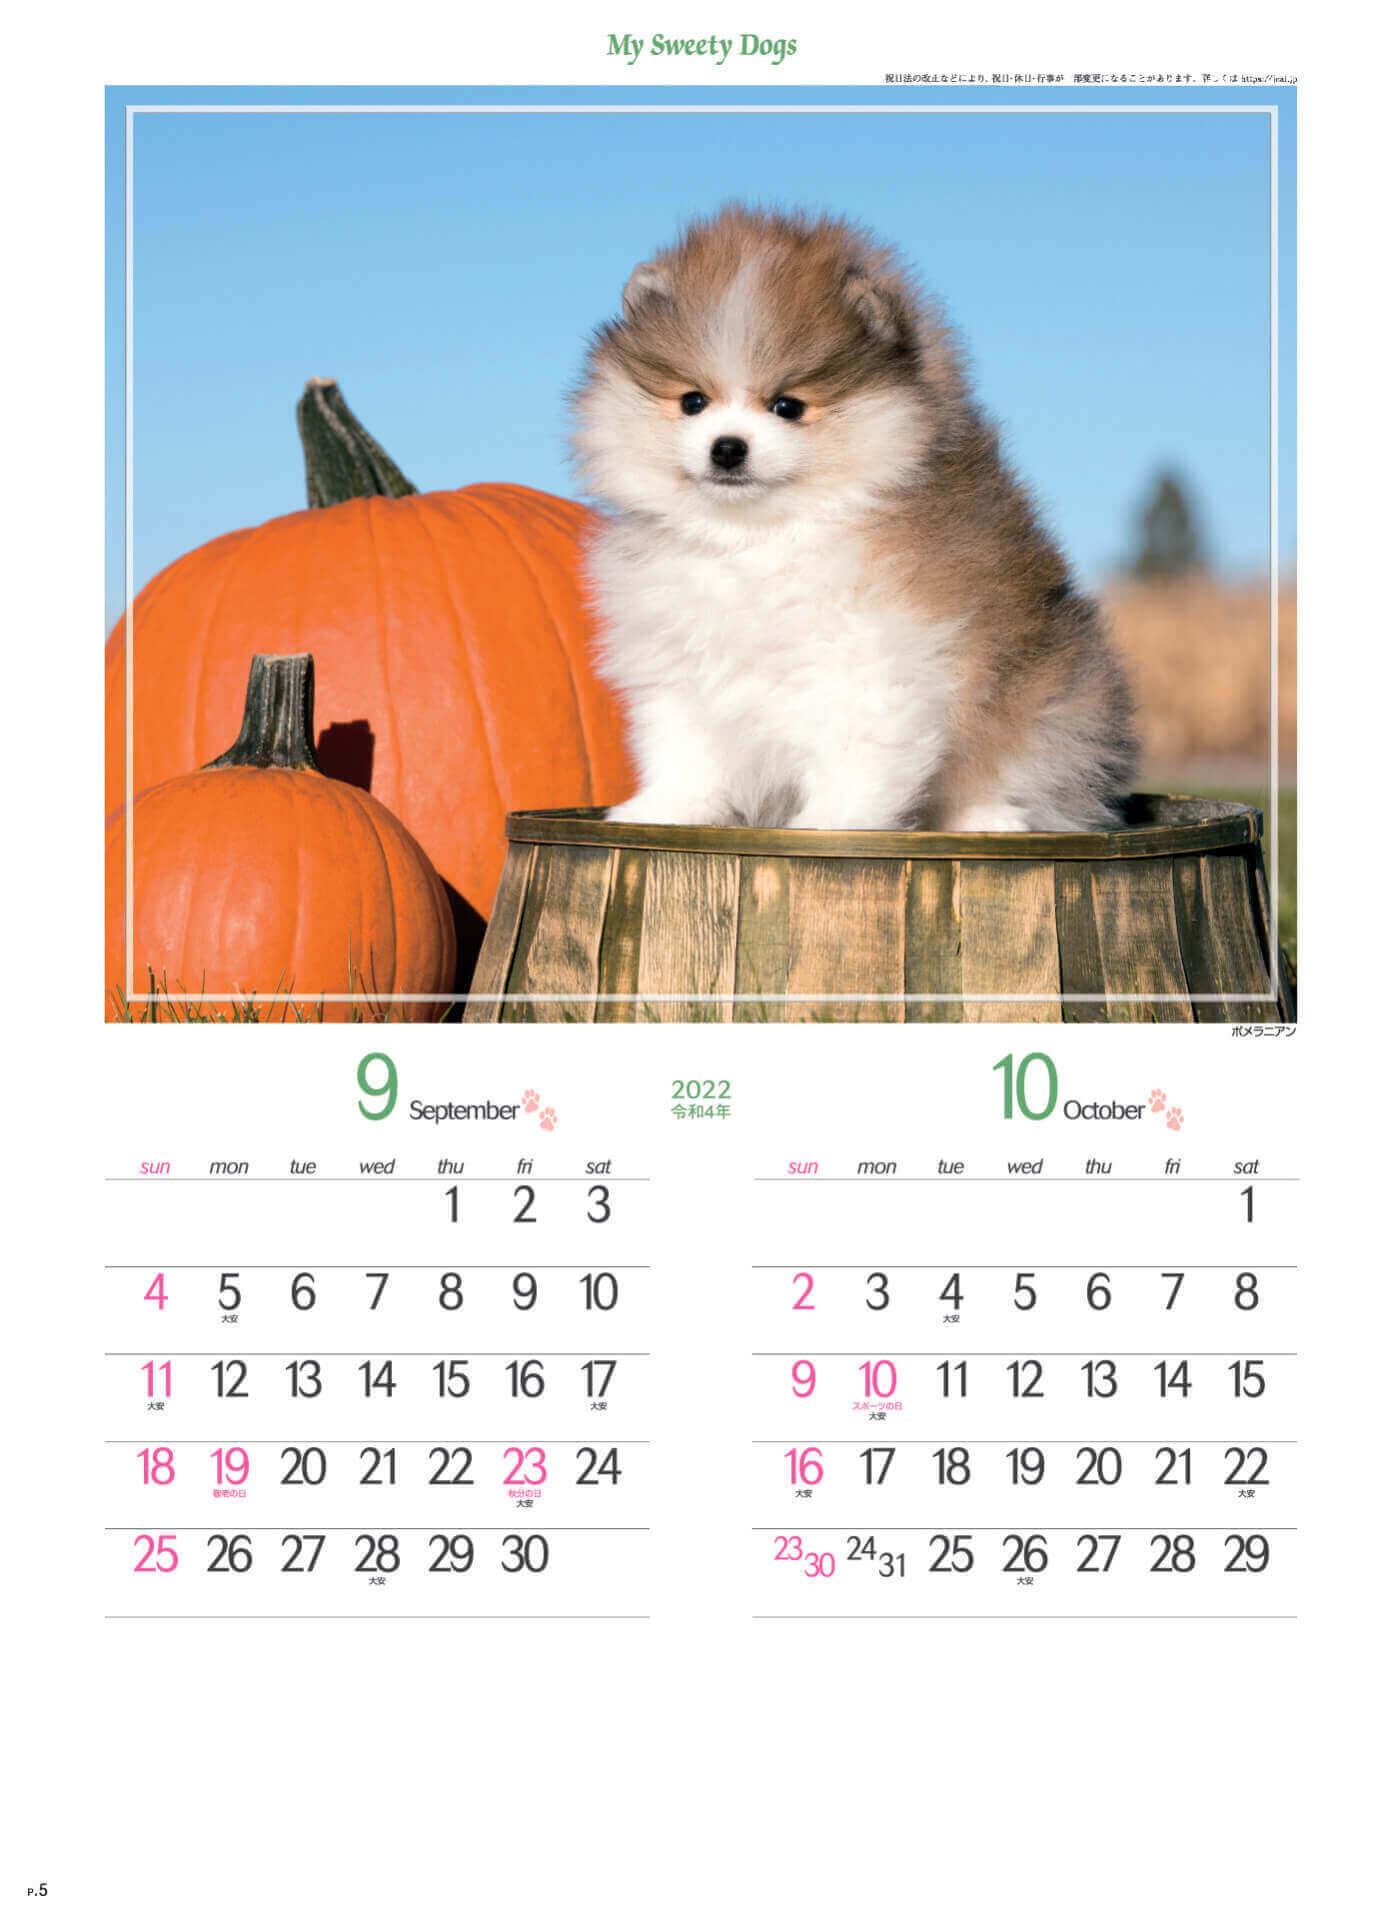 9-10月 ポメラニアン マイスウィーティードッグ 2022年カレンダーの画像